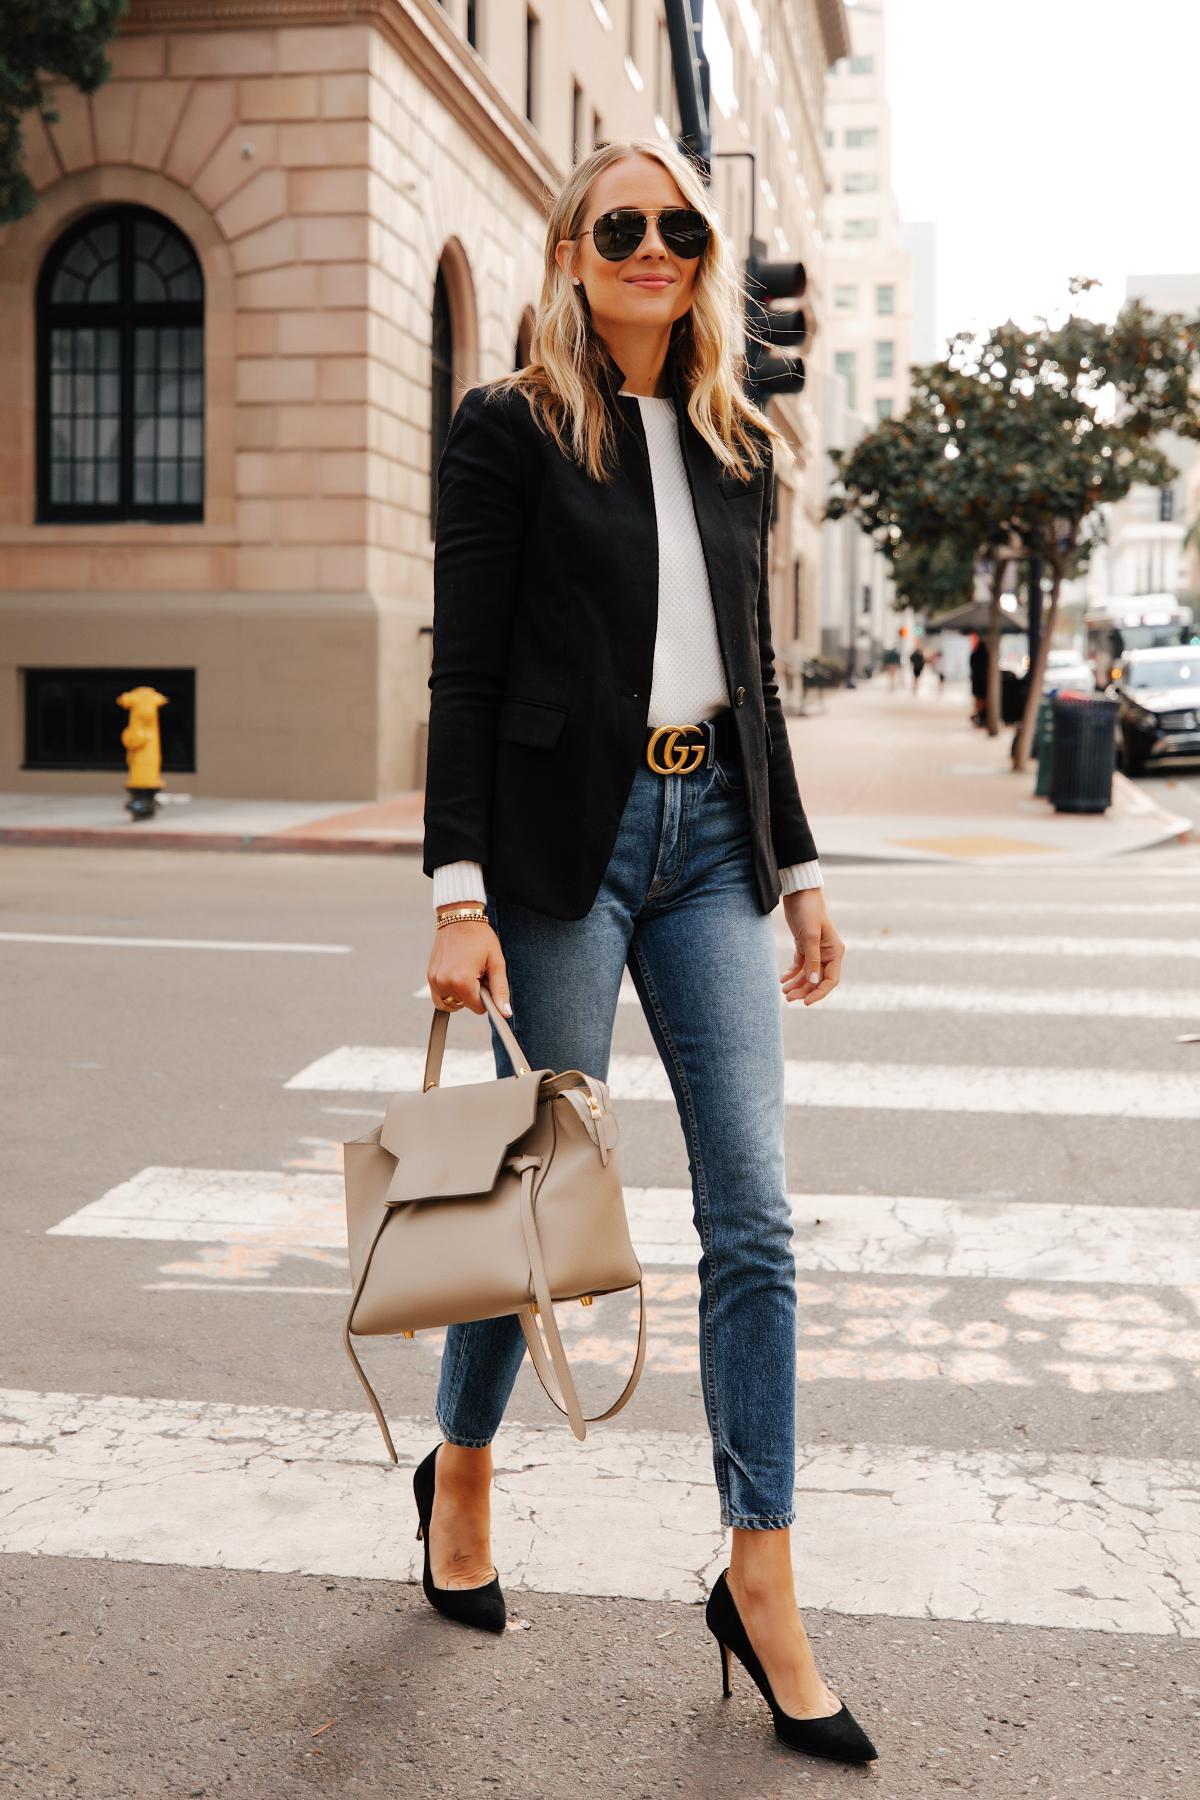 Fashion Jackson Wearing Jcrew Regent Black Blazer White Sweater Gucci Designer Belt Skinny Jeans Black Pumps Celine Belt Bag